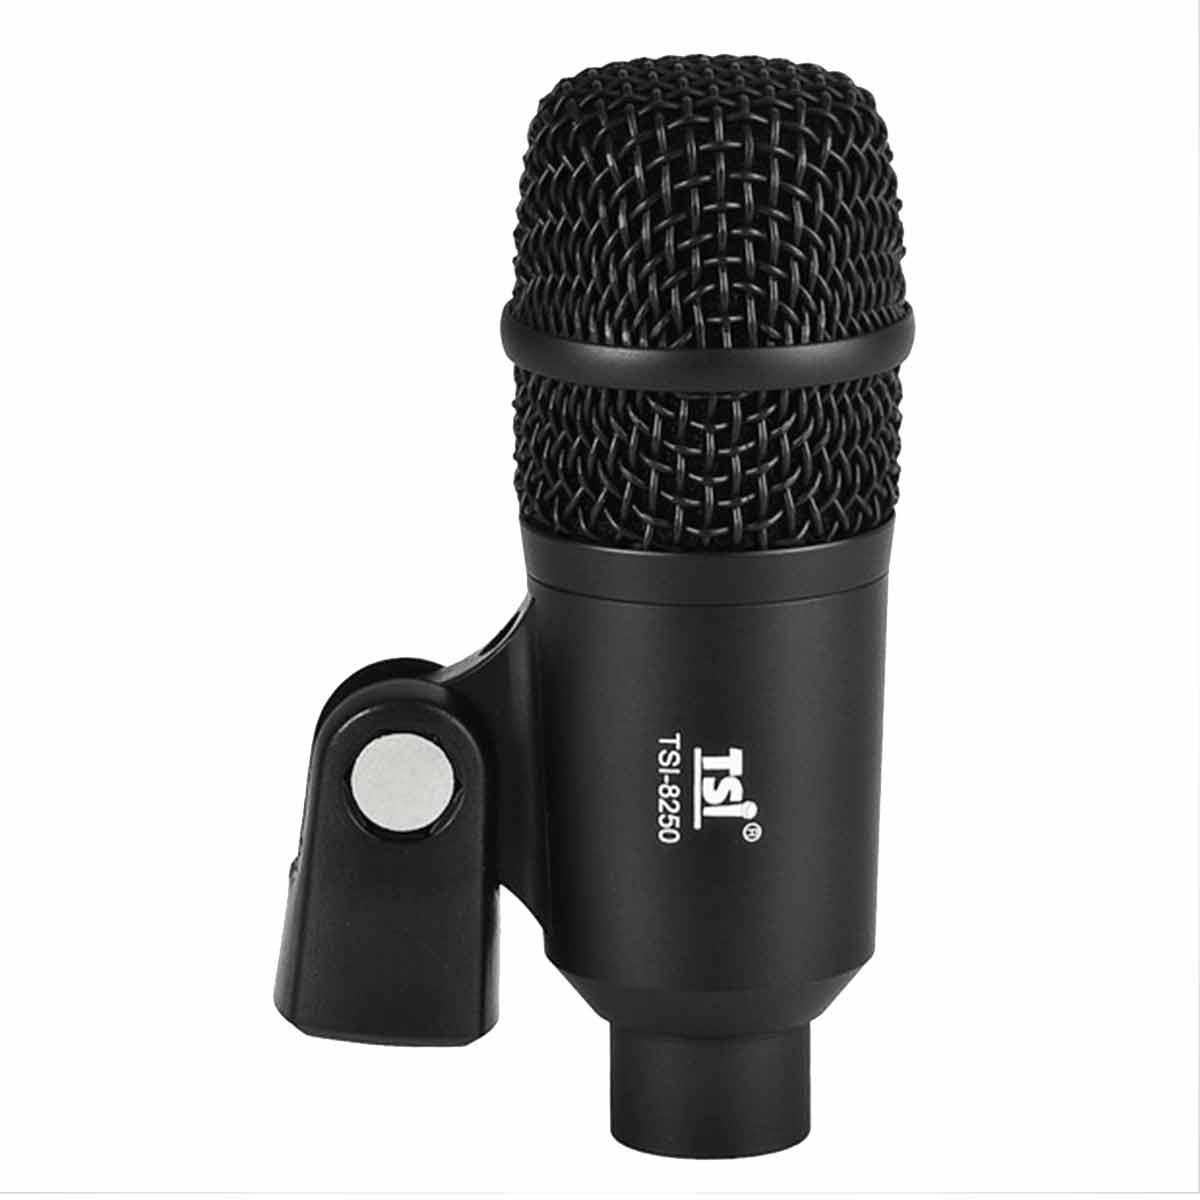 Microfone c/ Fio p/ Percurssão e Bateria 8250 - TSI